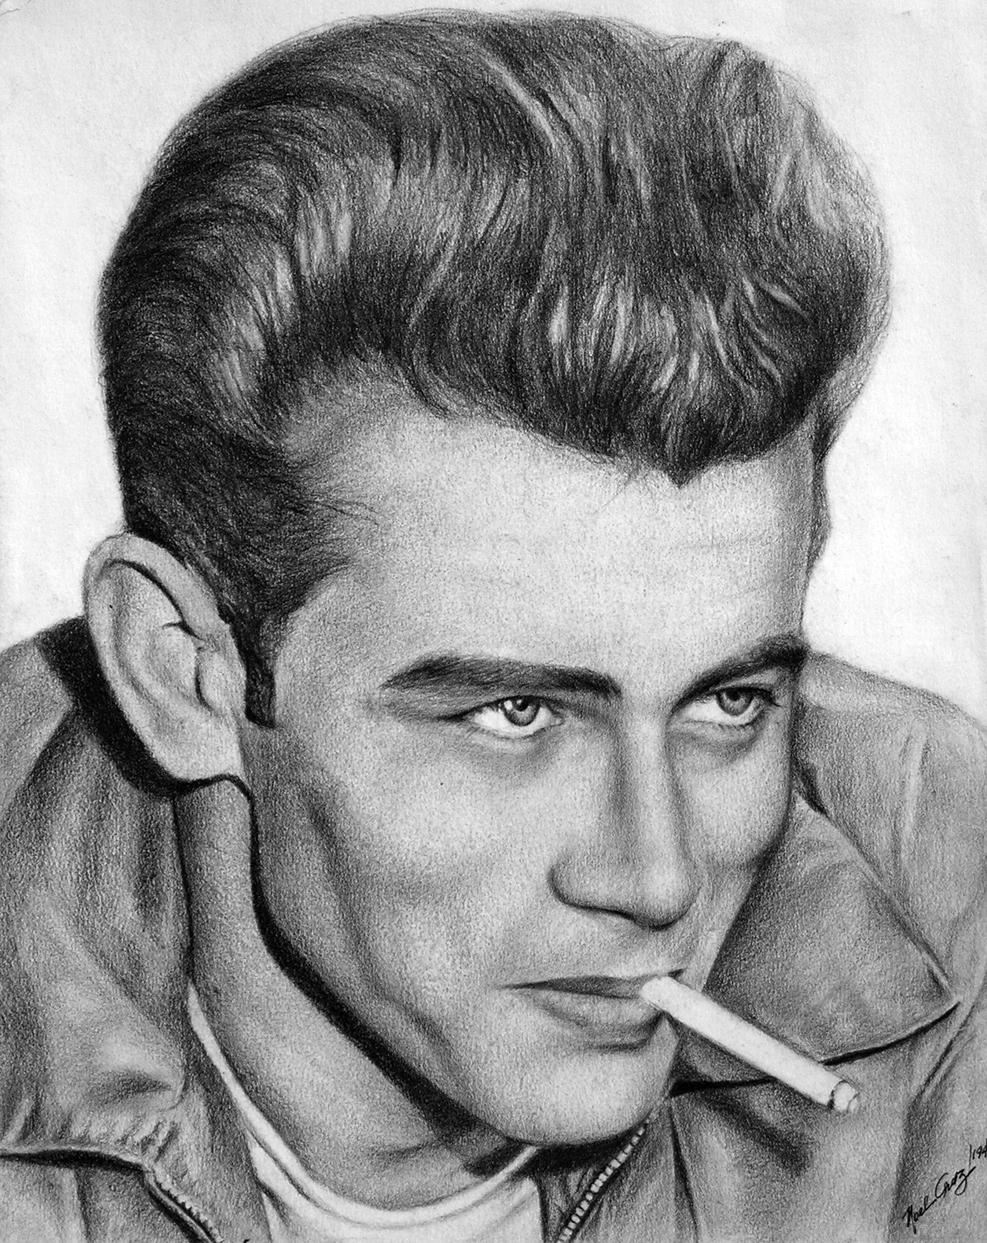 James Dean - The 50s Rebel by noeling